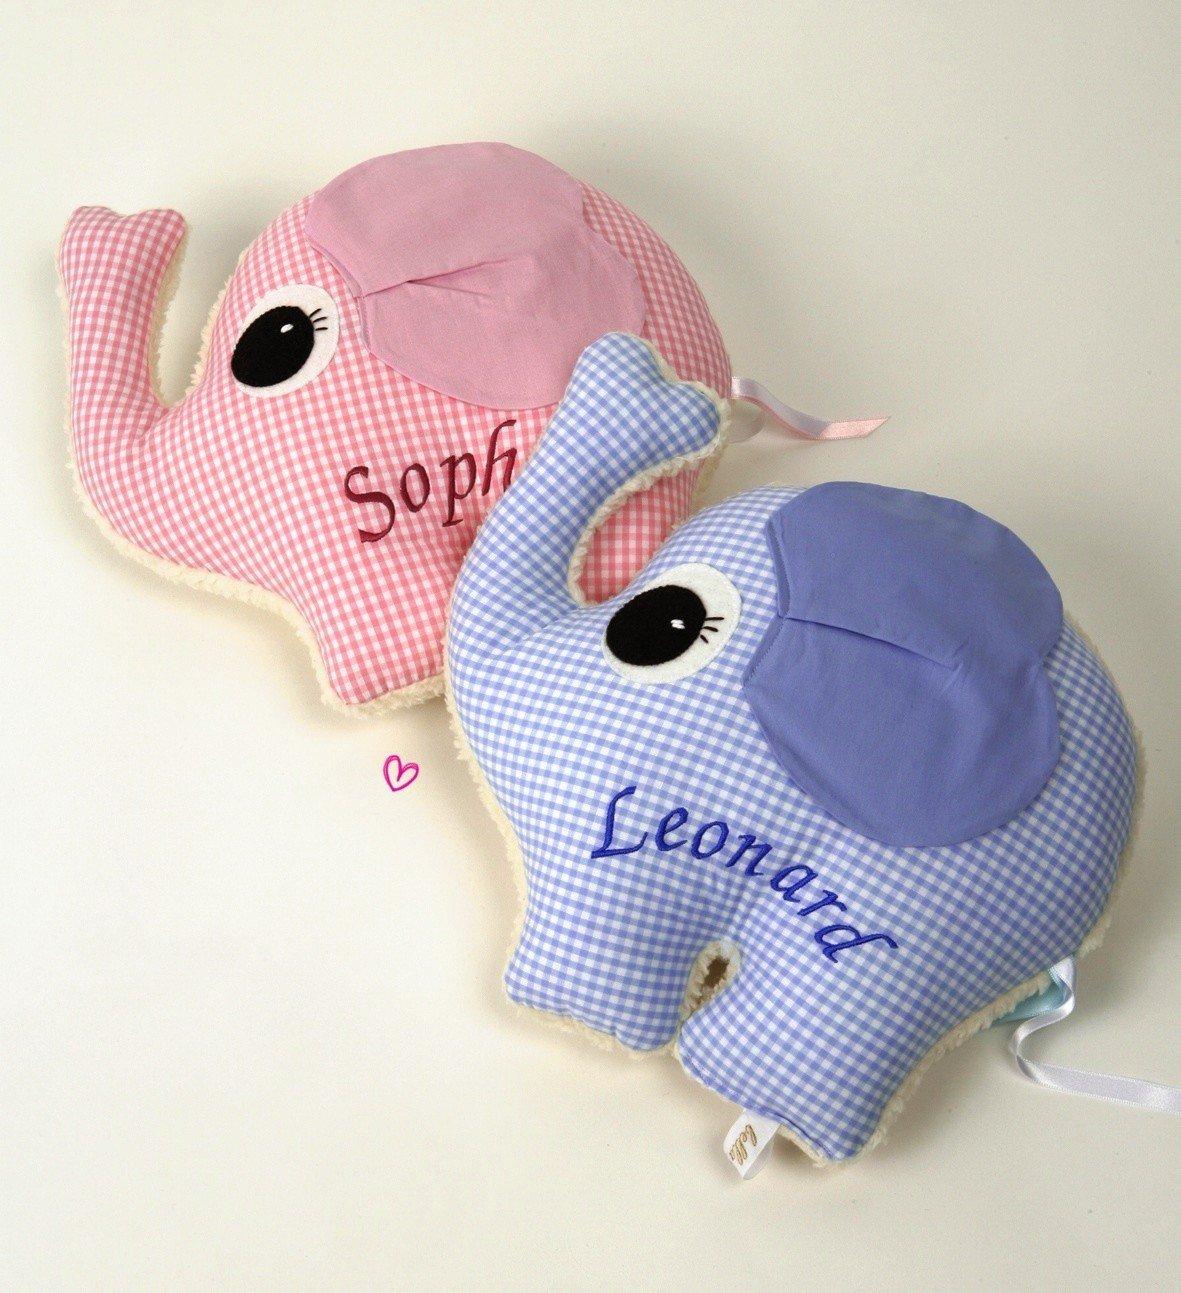 Spielzeug Schildkröte Häkeln Miniatur Geschenke Stofftier